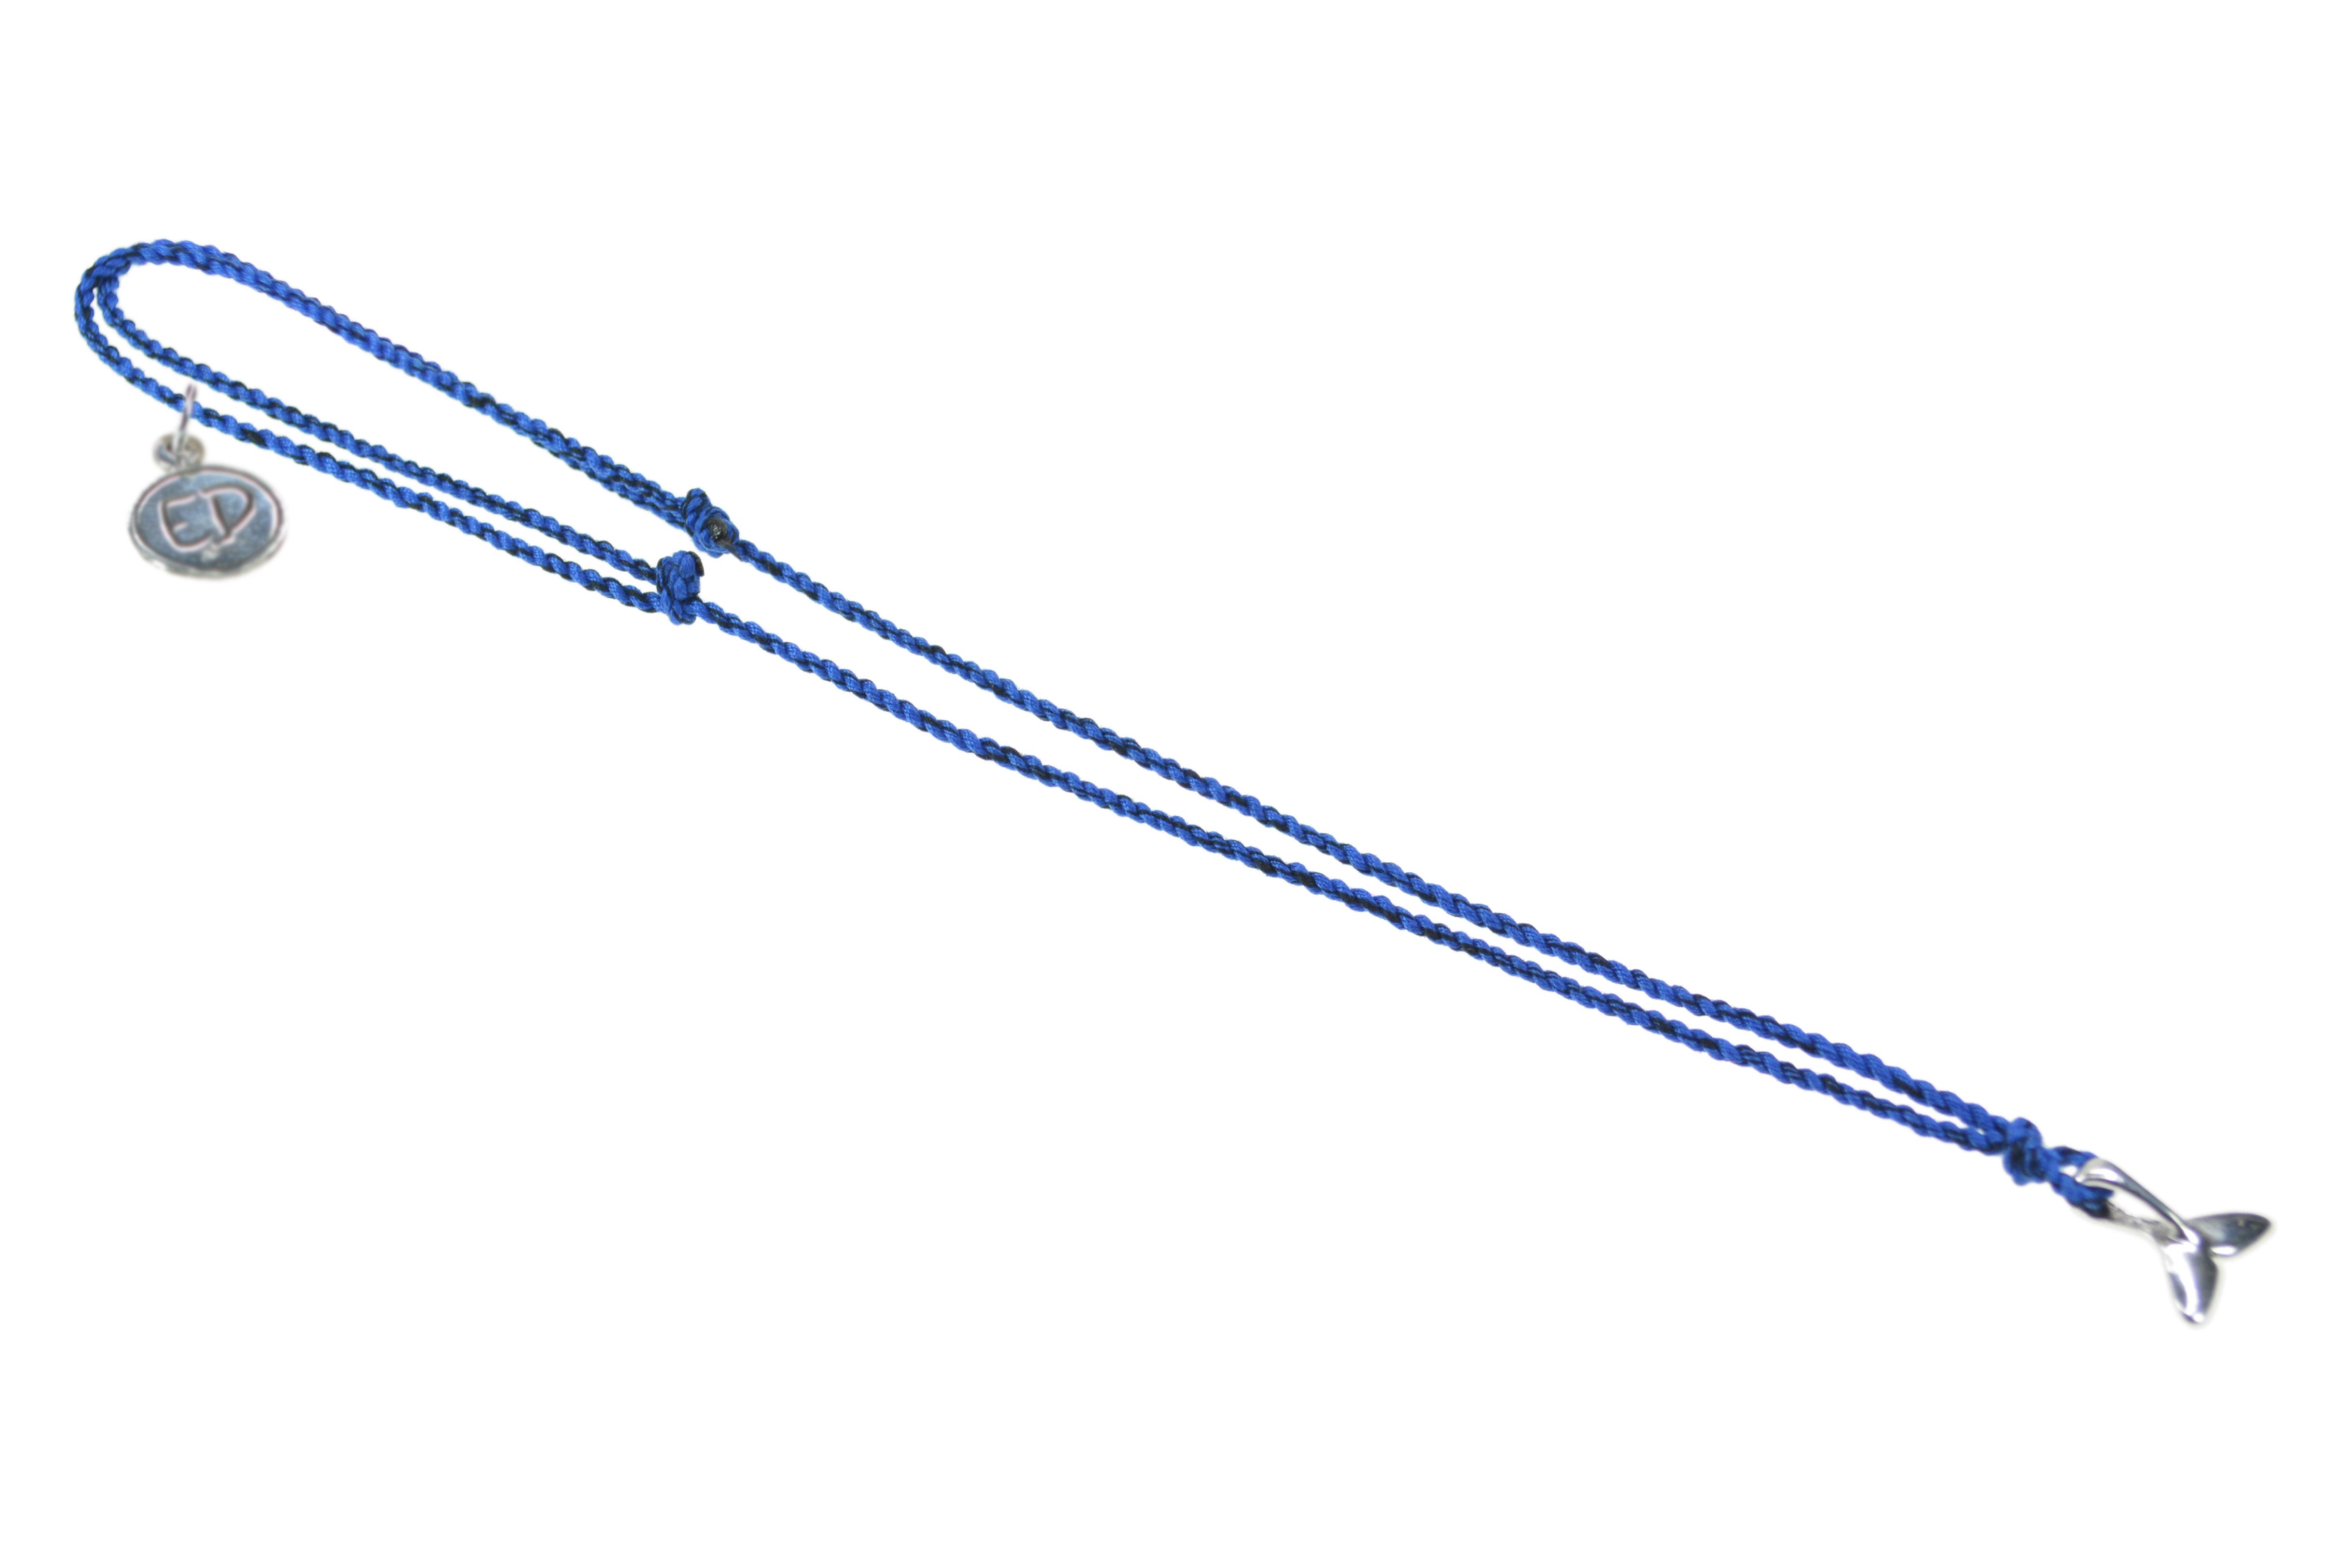 Pánsky prírodný náhrdelník s príveskom veľryba - modrý